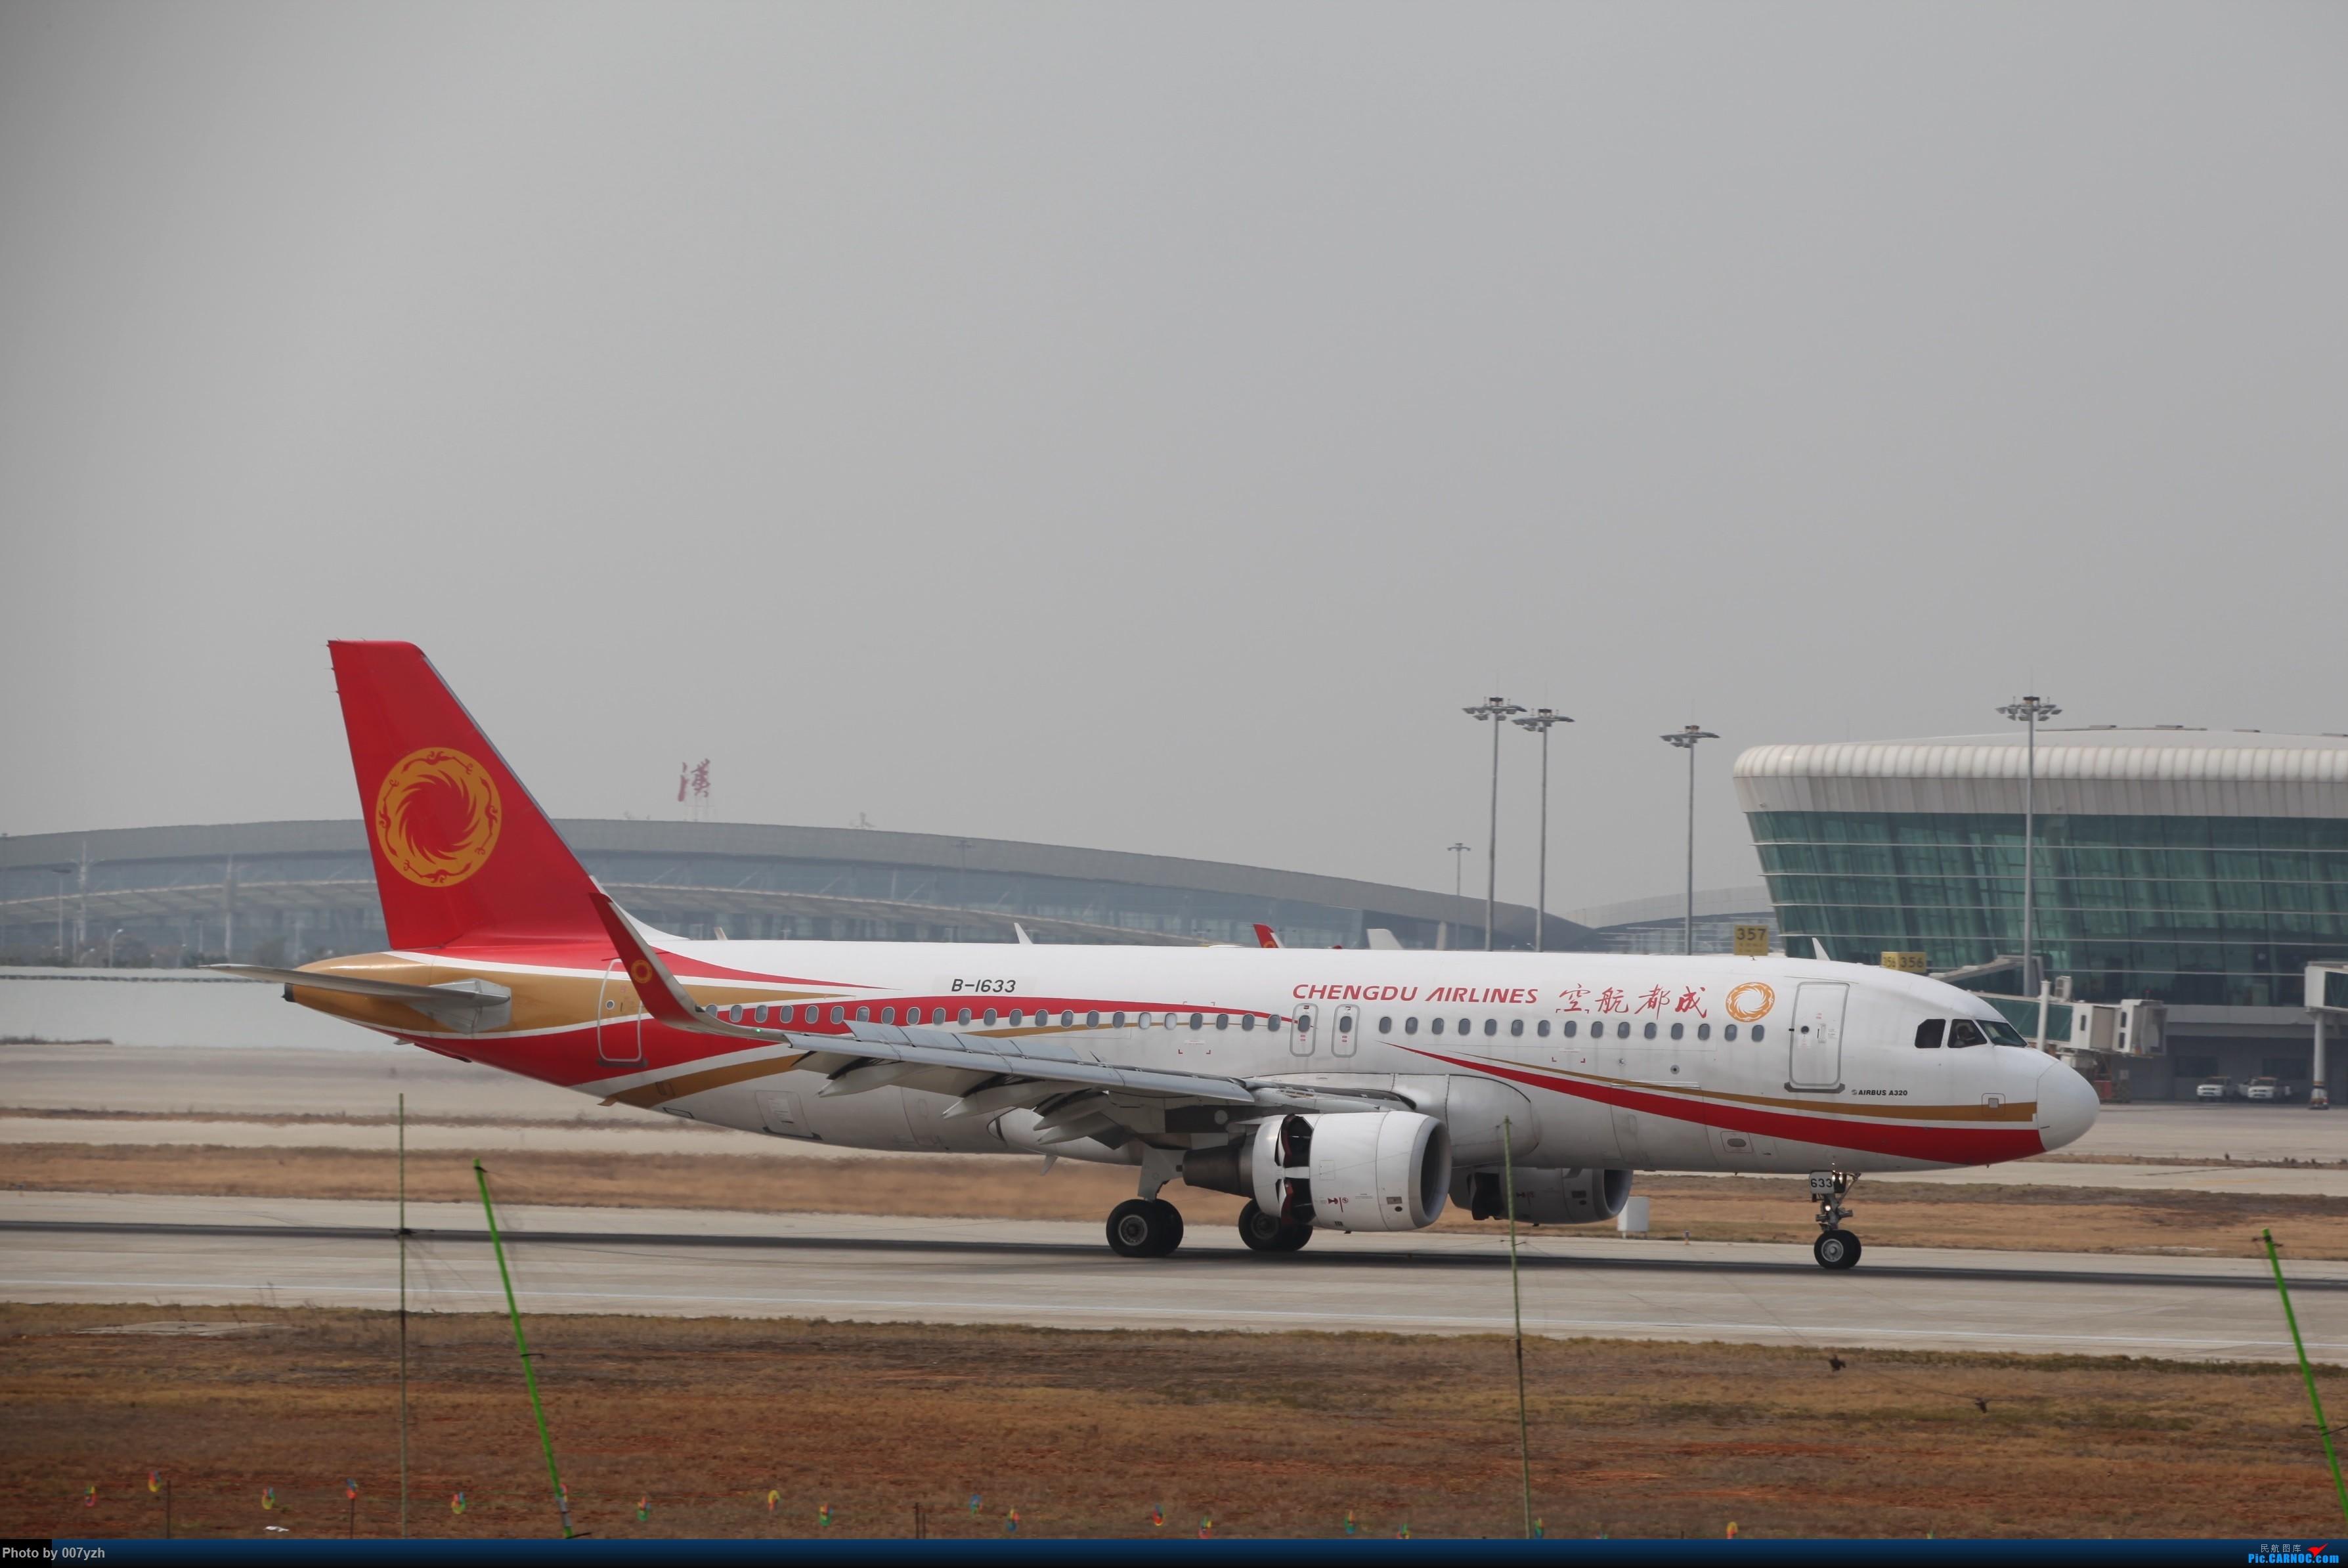 Re:[原创]WUH小拍,终于找到了在WUH拍机的组织 AIRBUS A320-200 B-1633 中国武汉天河国际机场